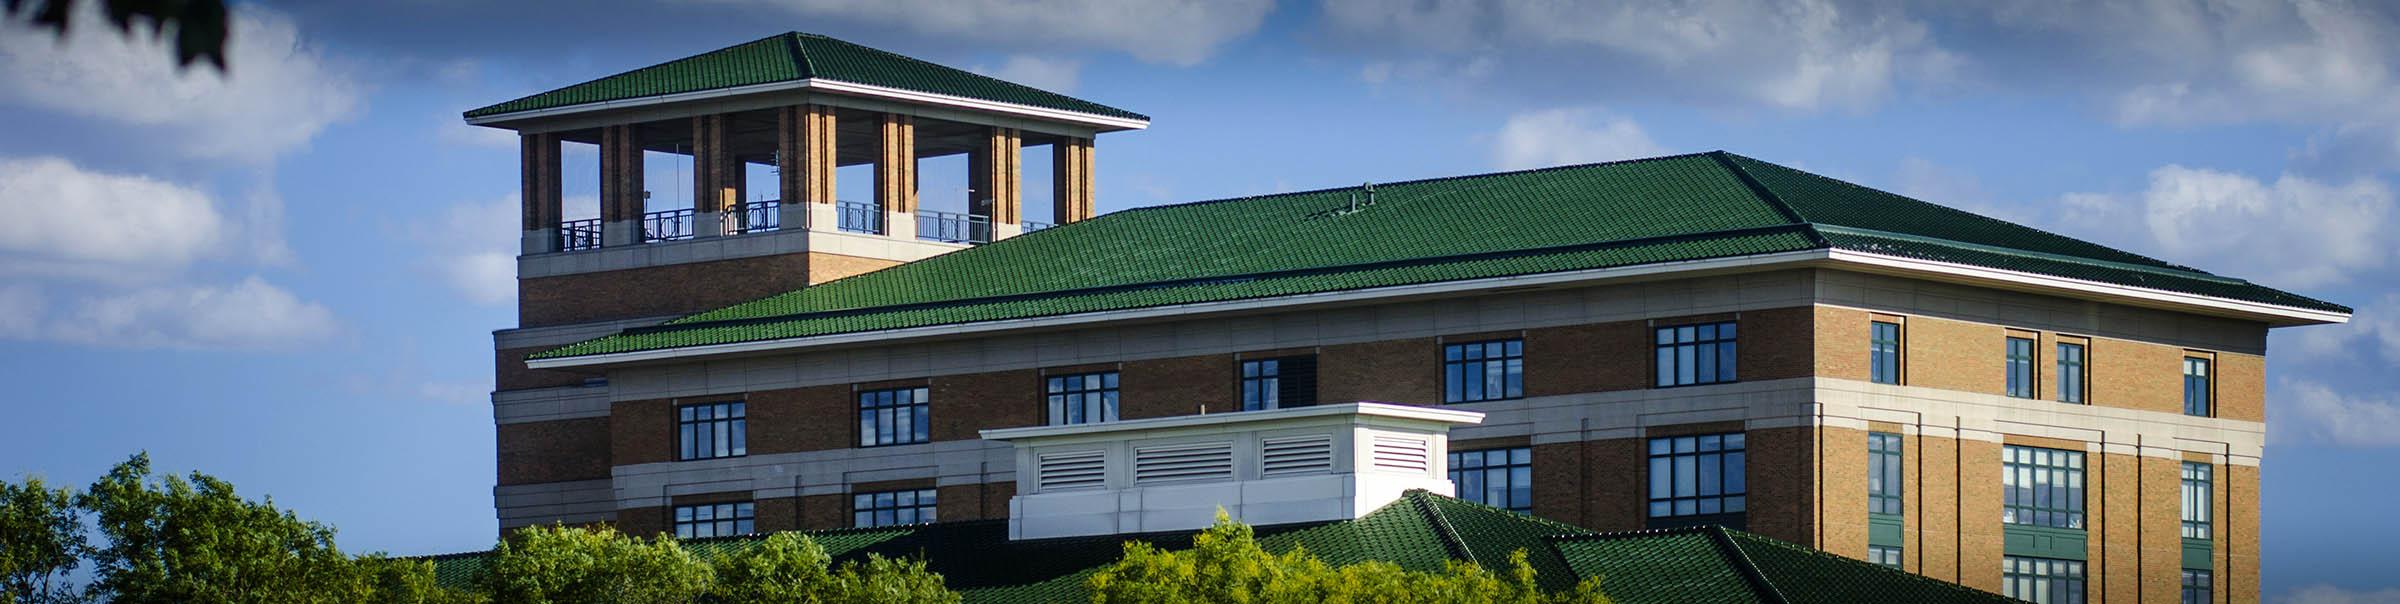 Exterior of Columbus Regional Hospital in Columbus, Indiana.